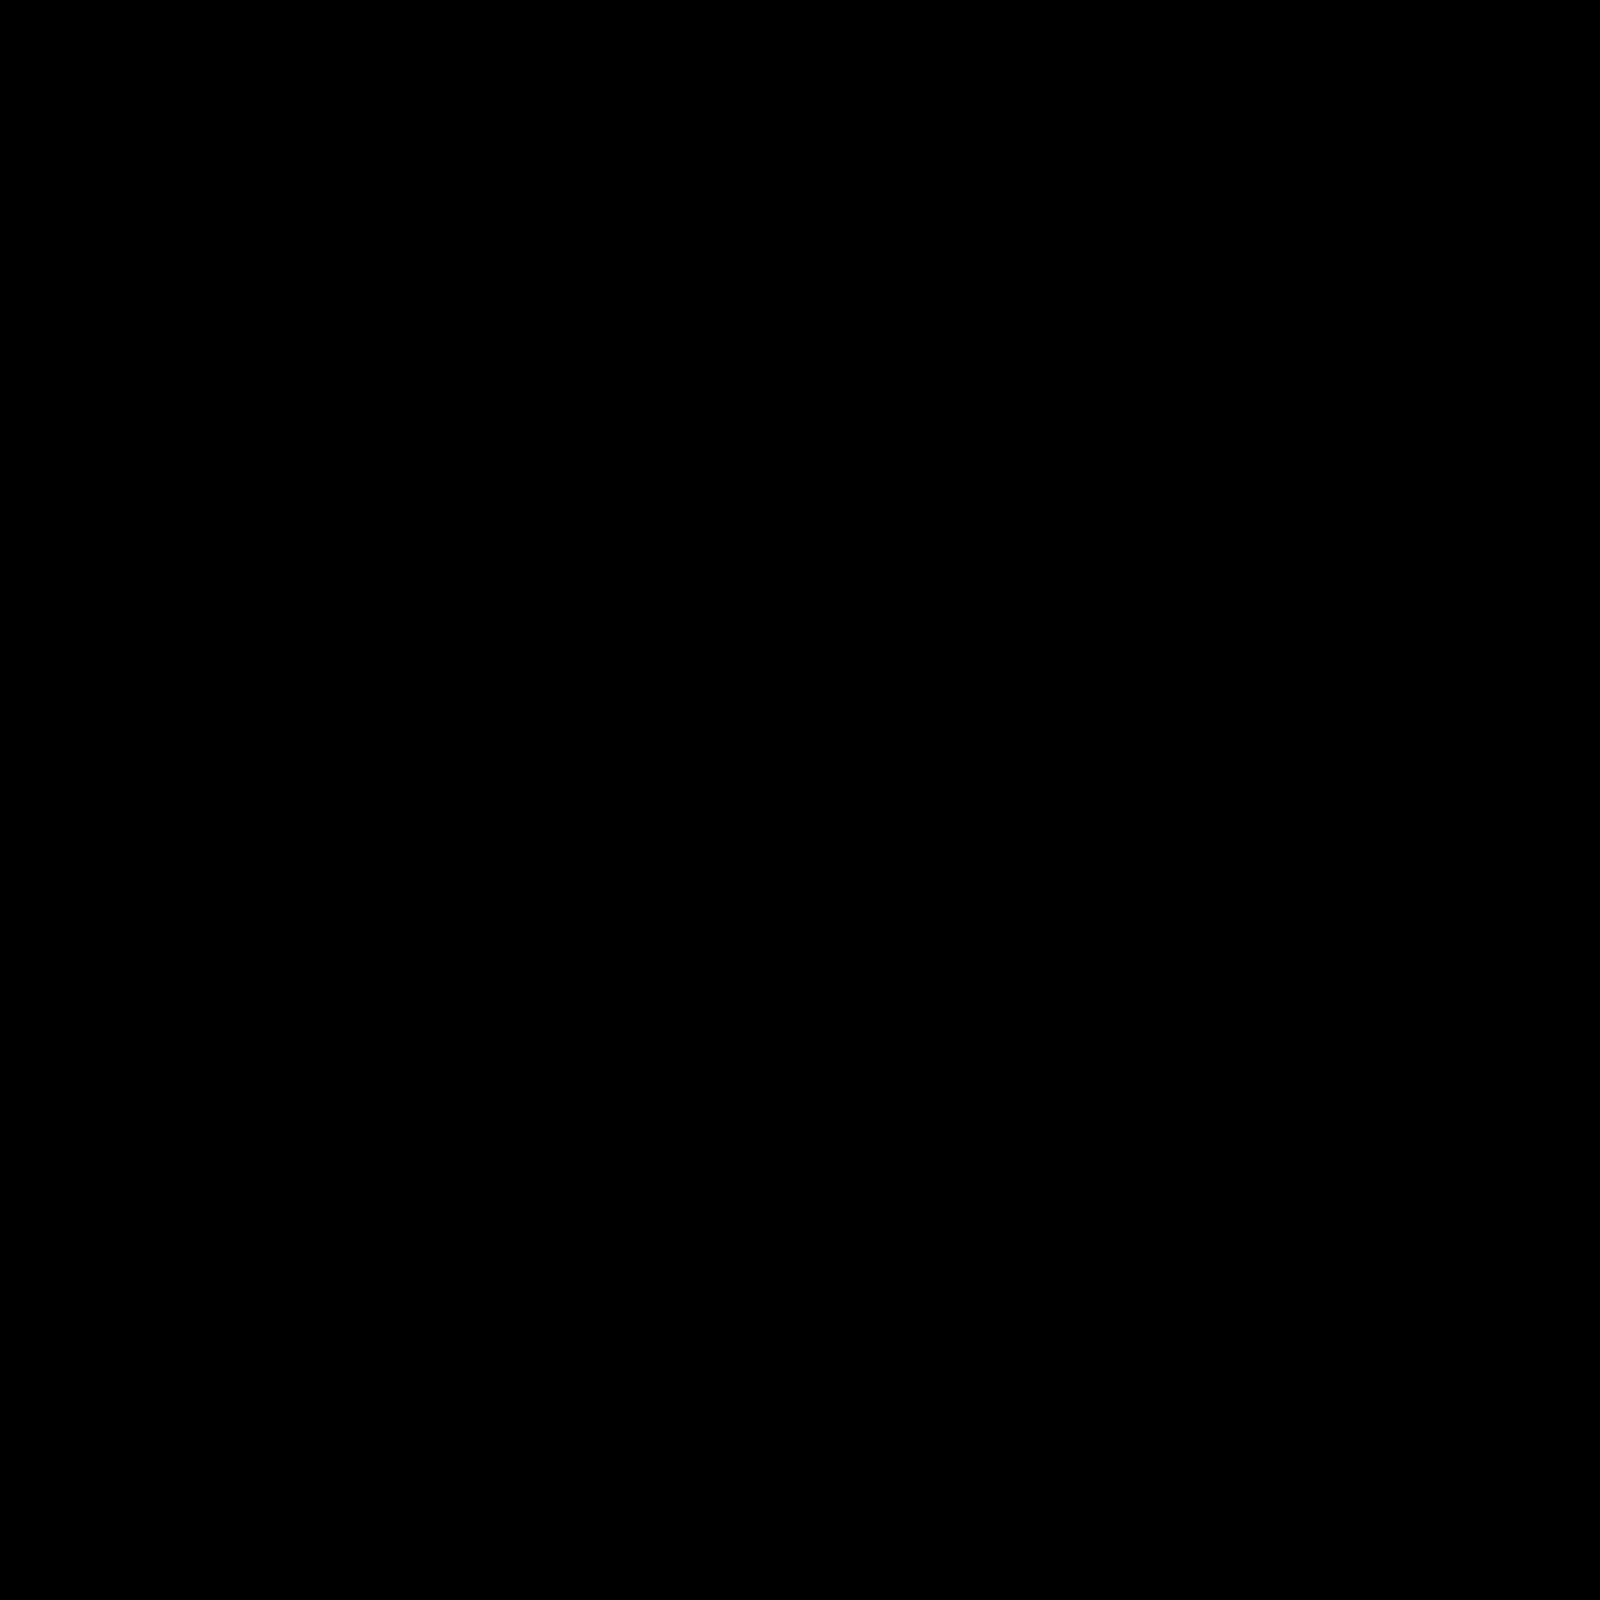 4 C icon